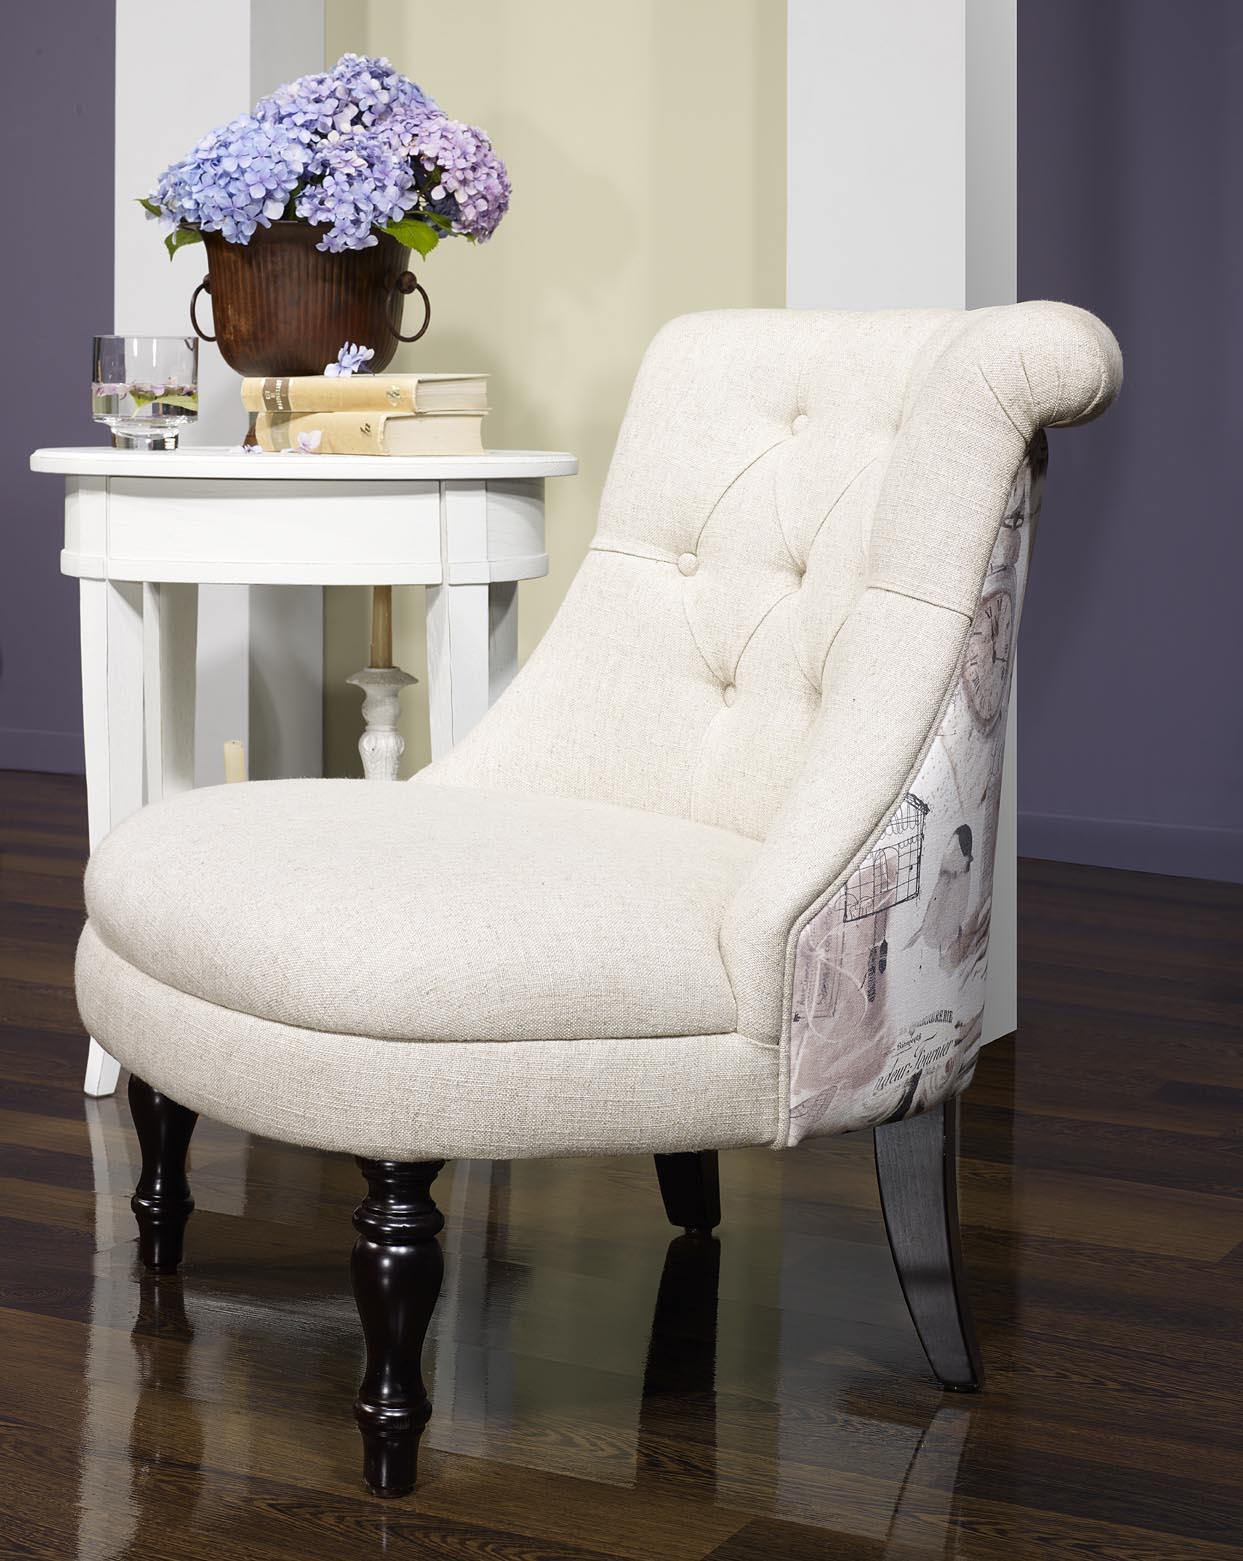 fauteuil crapaud en tissu lin capitonn beige avec motif floral meuble en ch ne. Black Bedroom Furniture Sets. Home Design Ideas